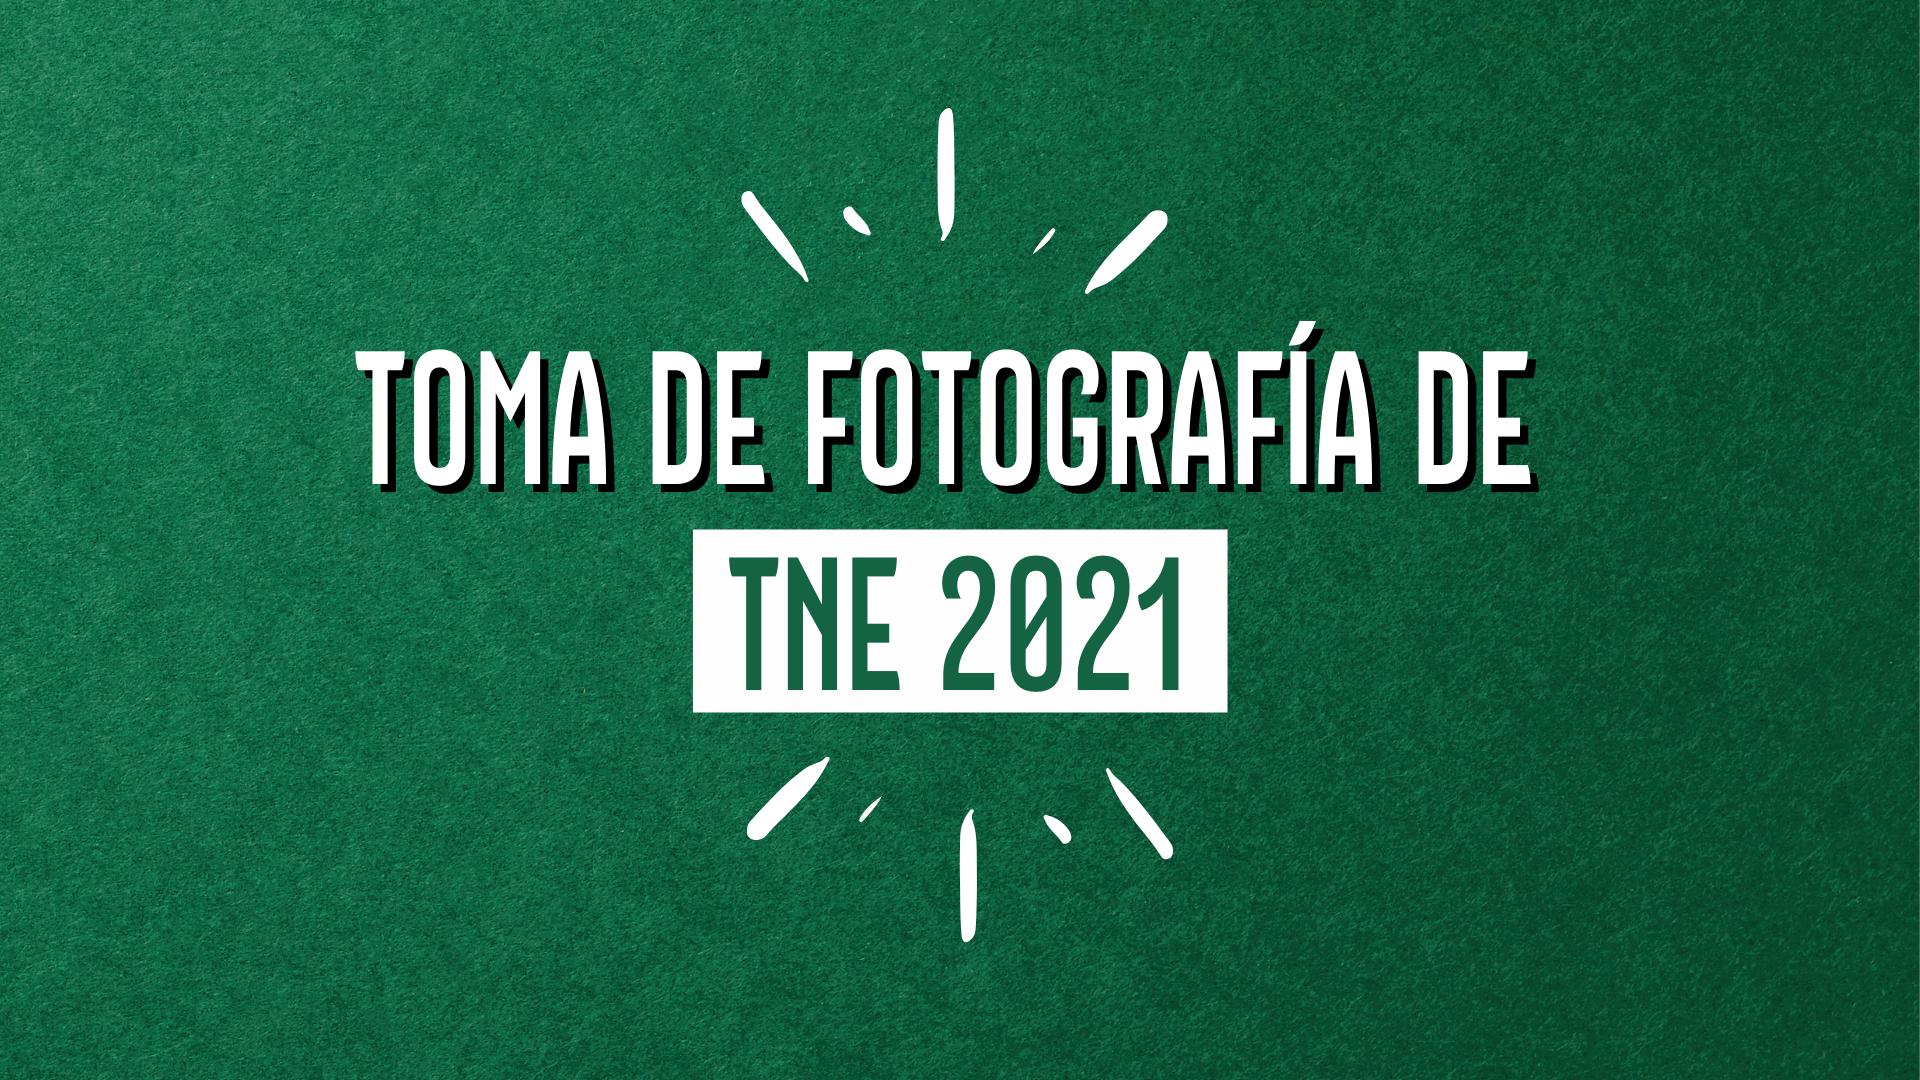 TOMA DE FOTOGRAFÍA DE TNE 2021